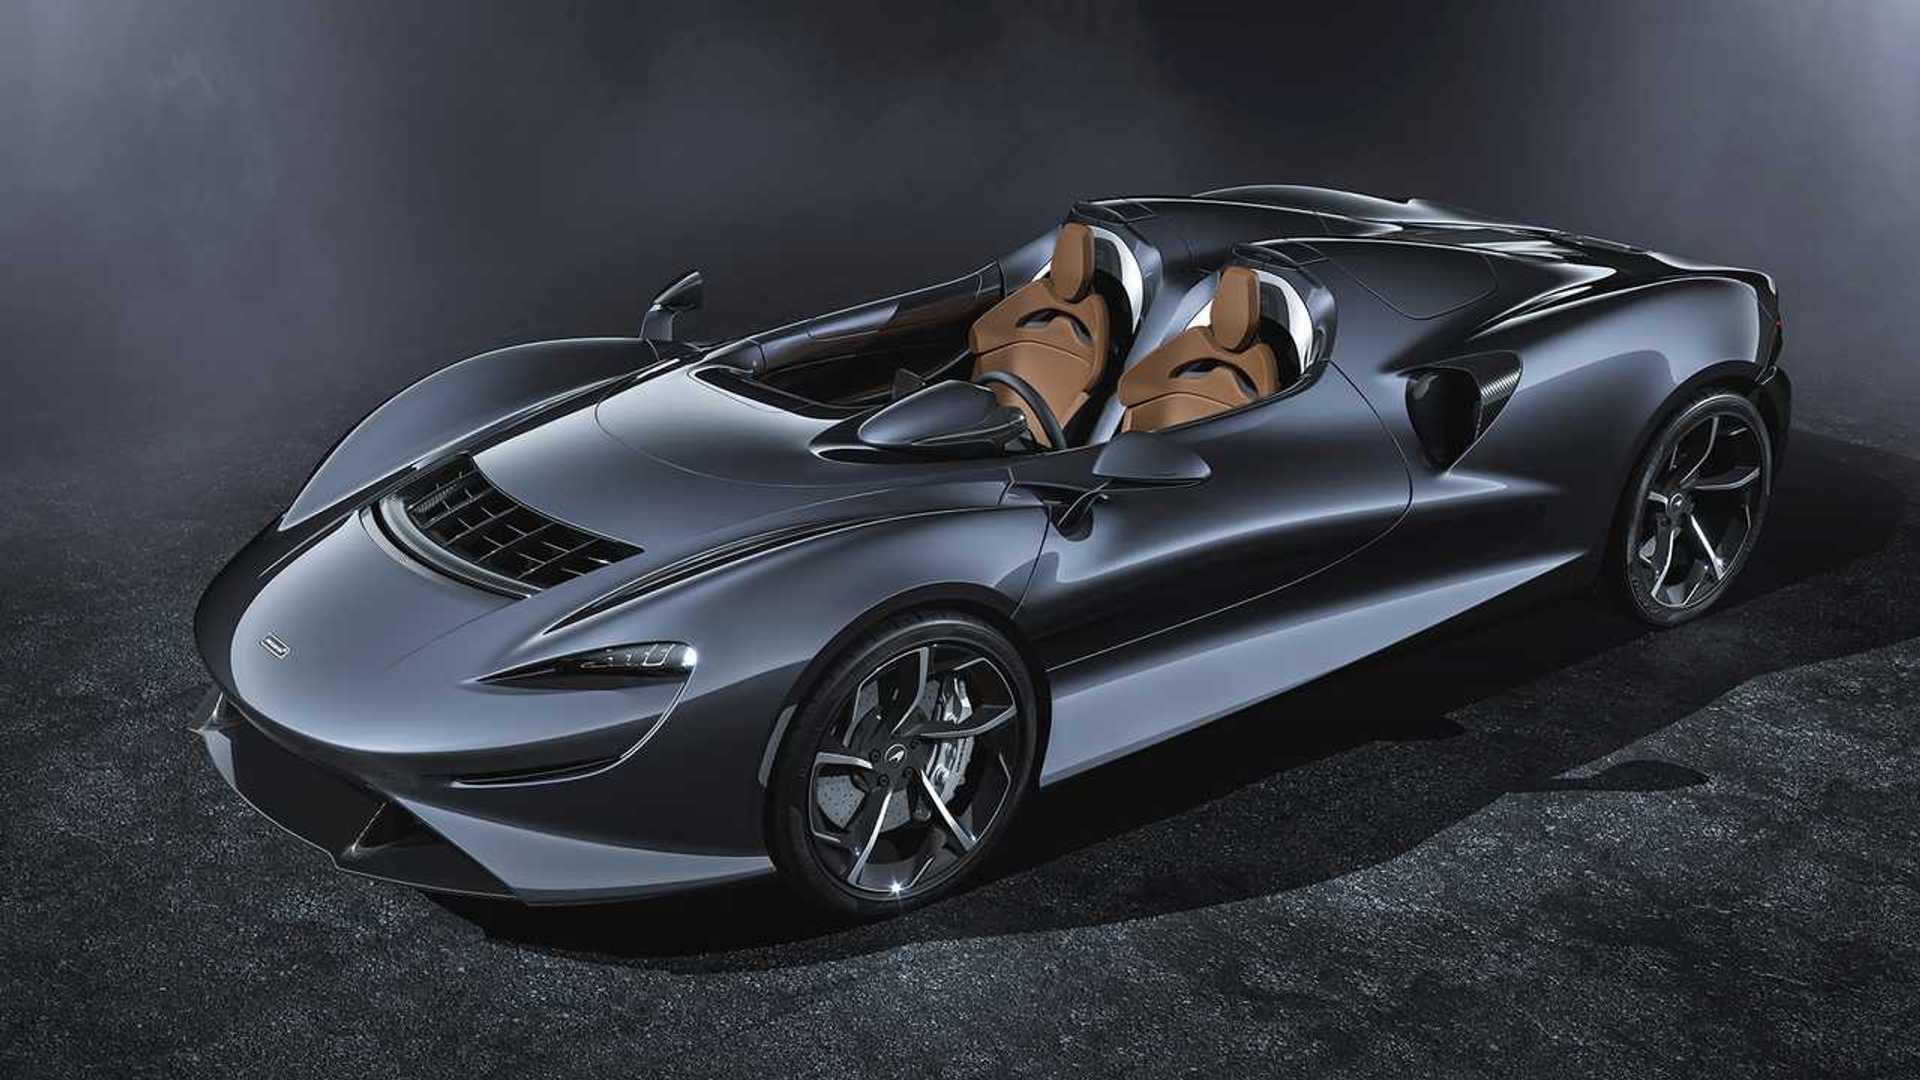 McLaren Elva: Extrem-Roadster mit 815 PS